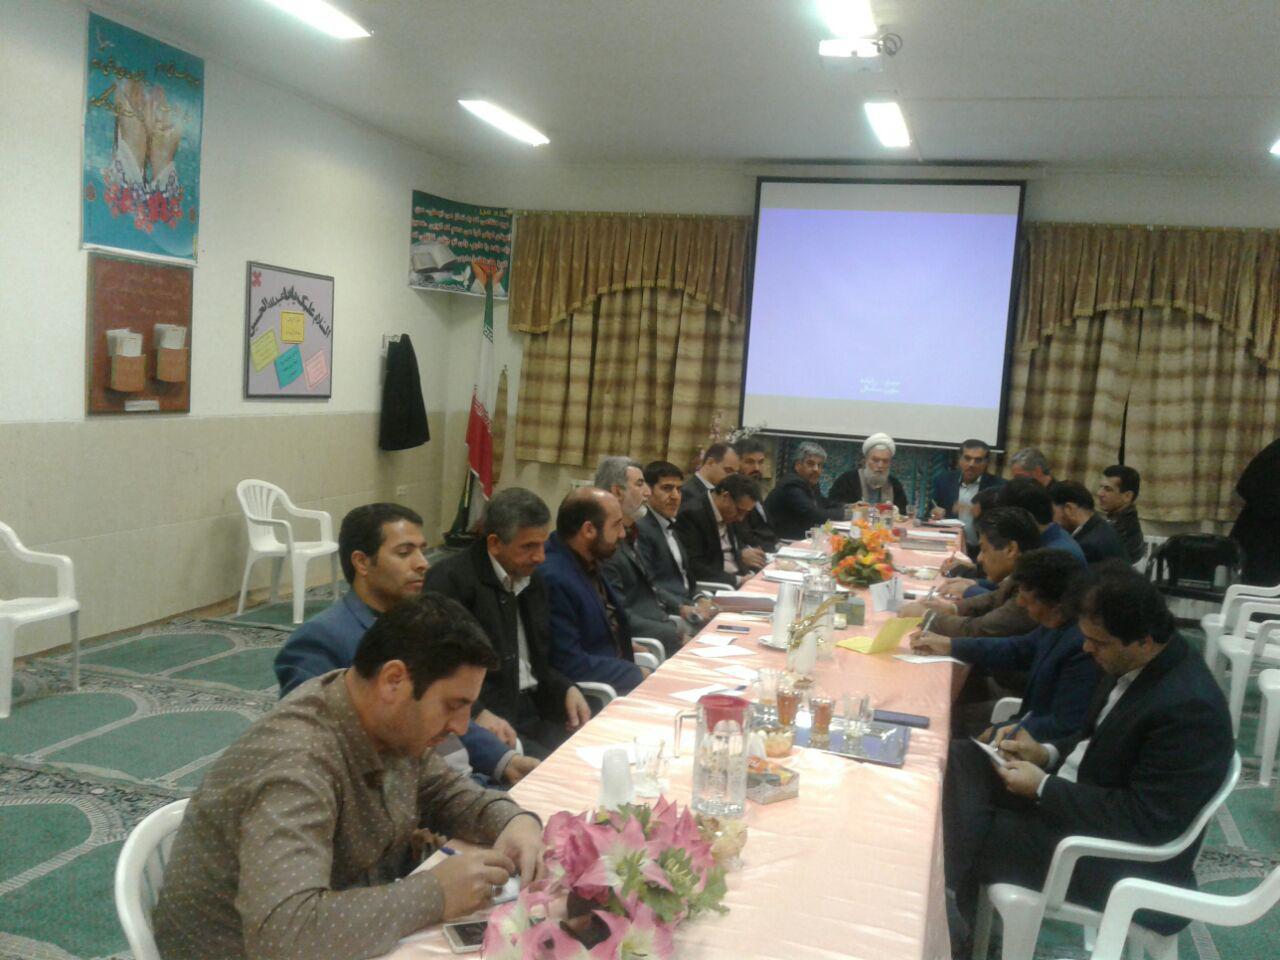 برگزاری جلسه شورای معاونین اداره آموزش وپرورش شهرستان آران و بیدگل